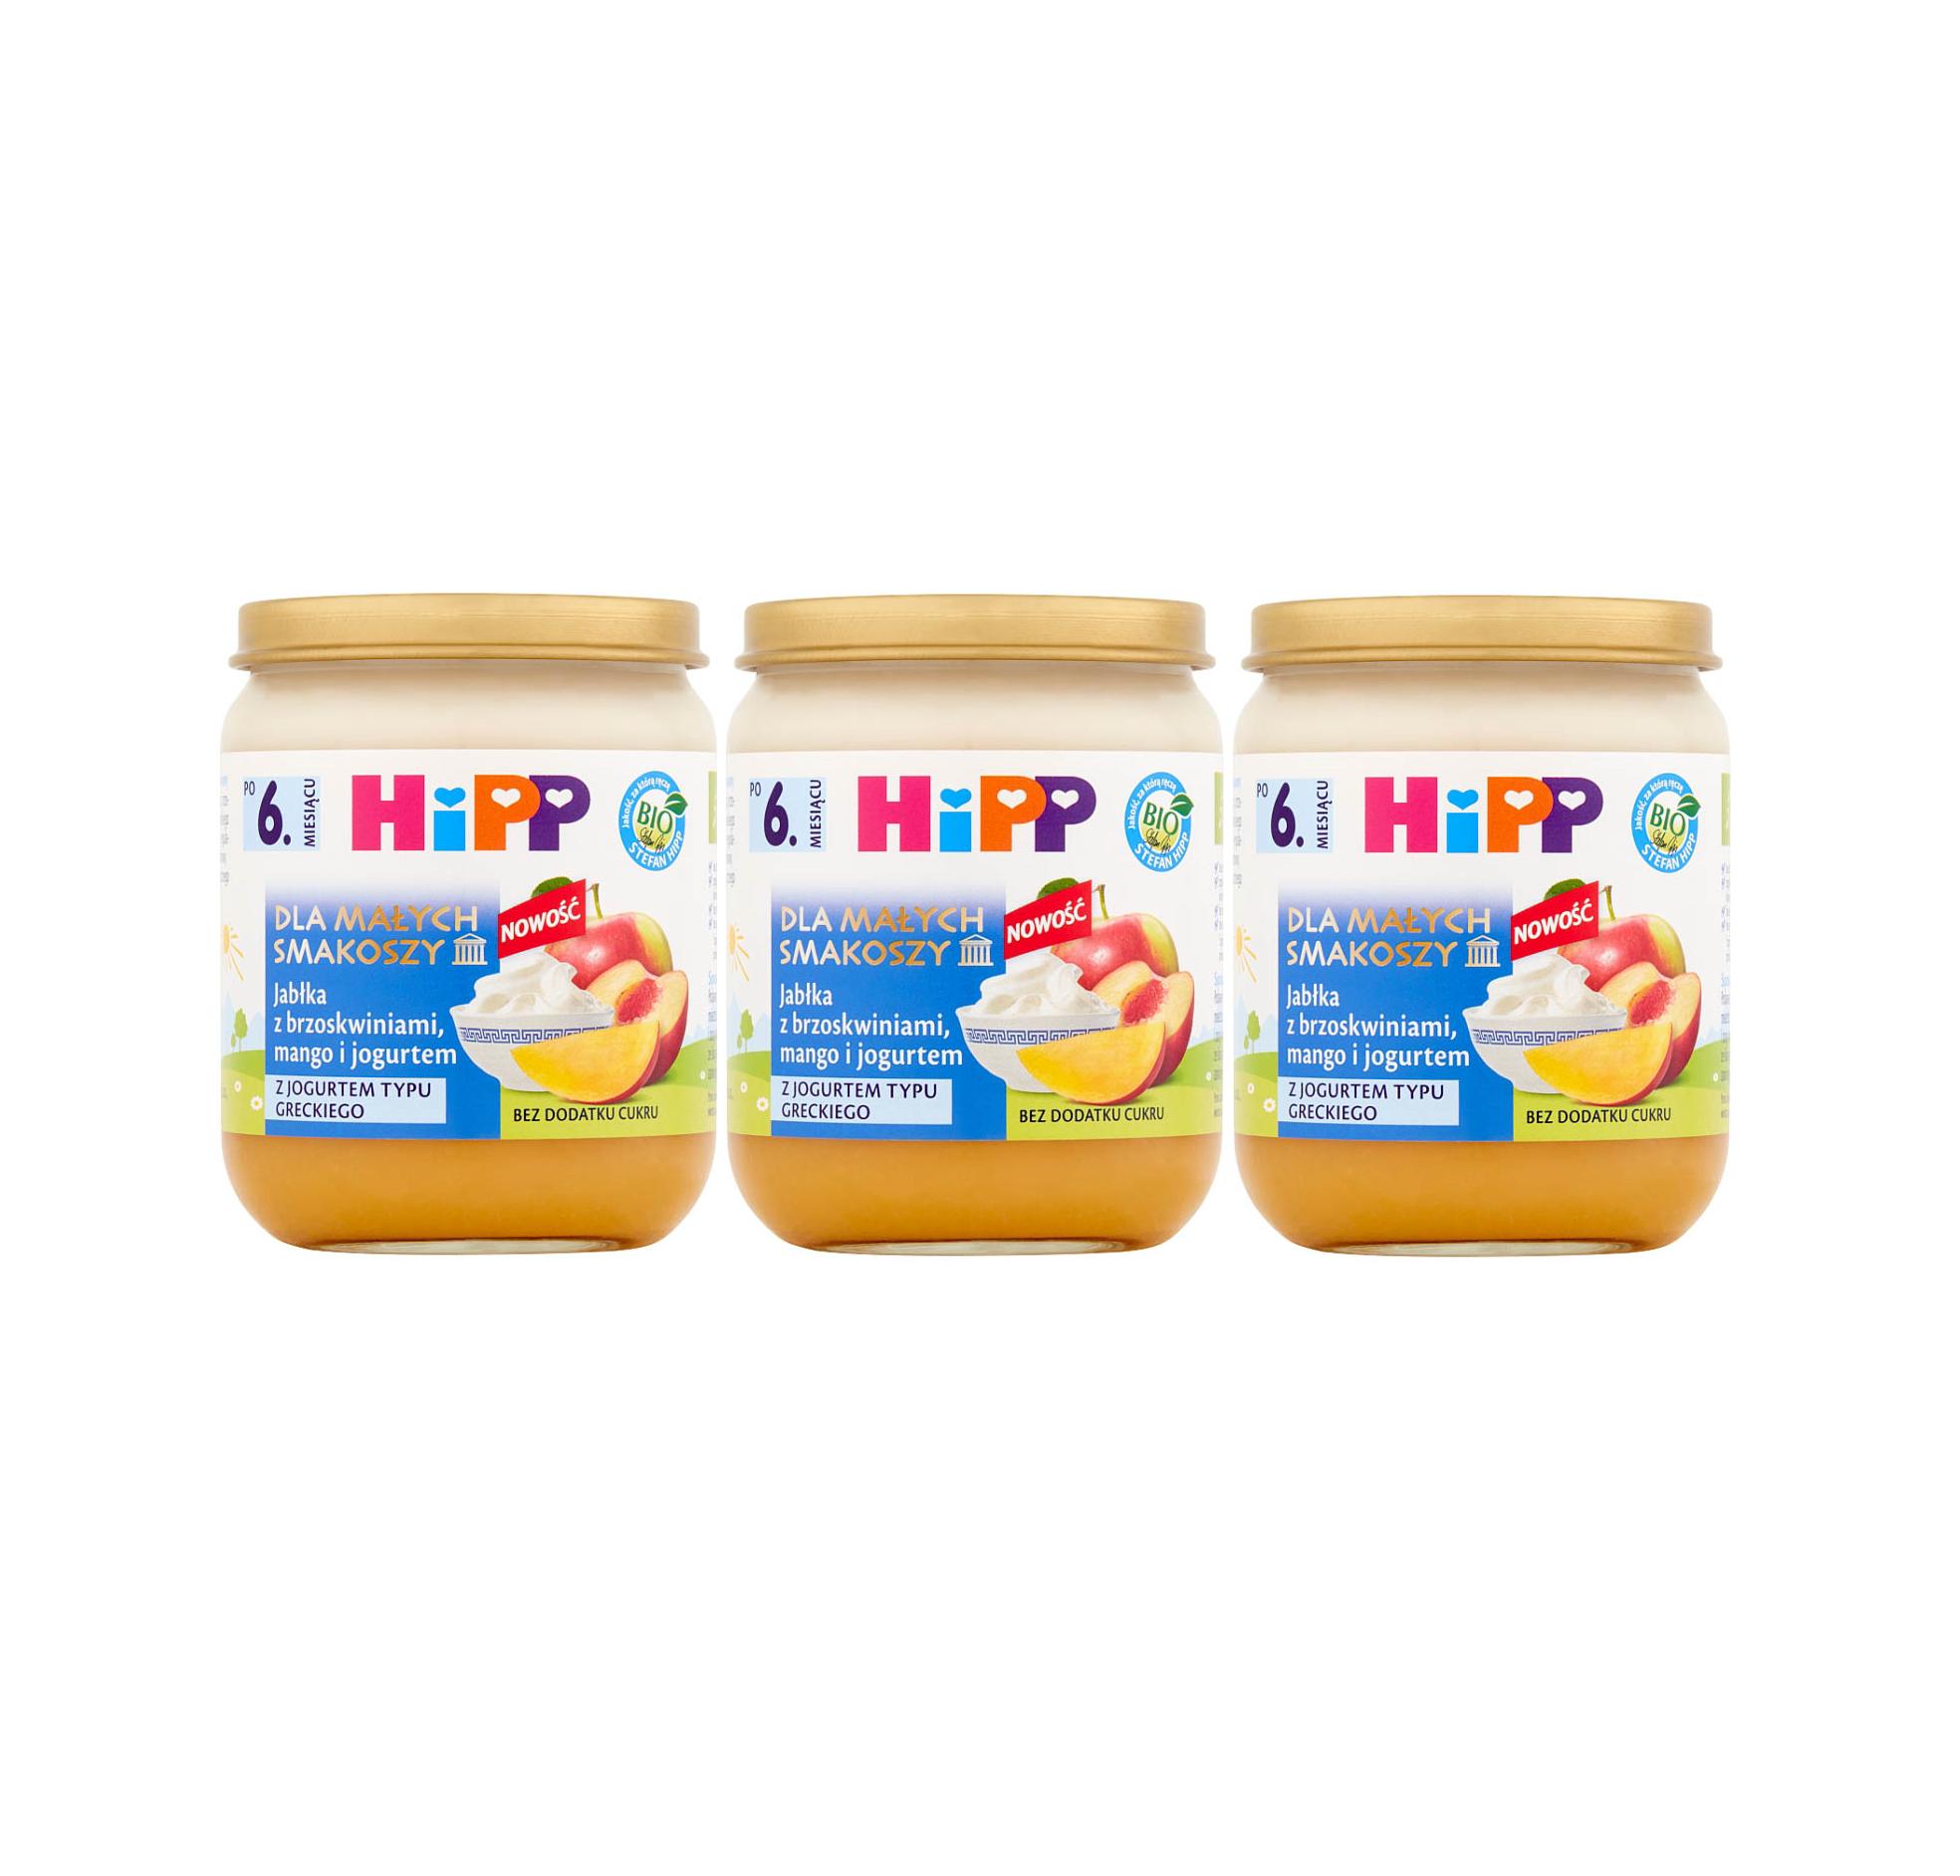 3 pak hipp 160 dla malych smakoszy jablka z brzoskwiniami mango i jogurtem